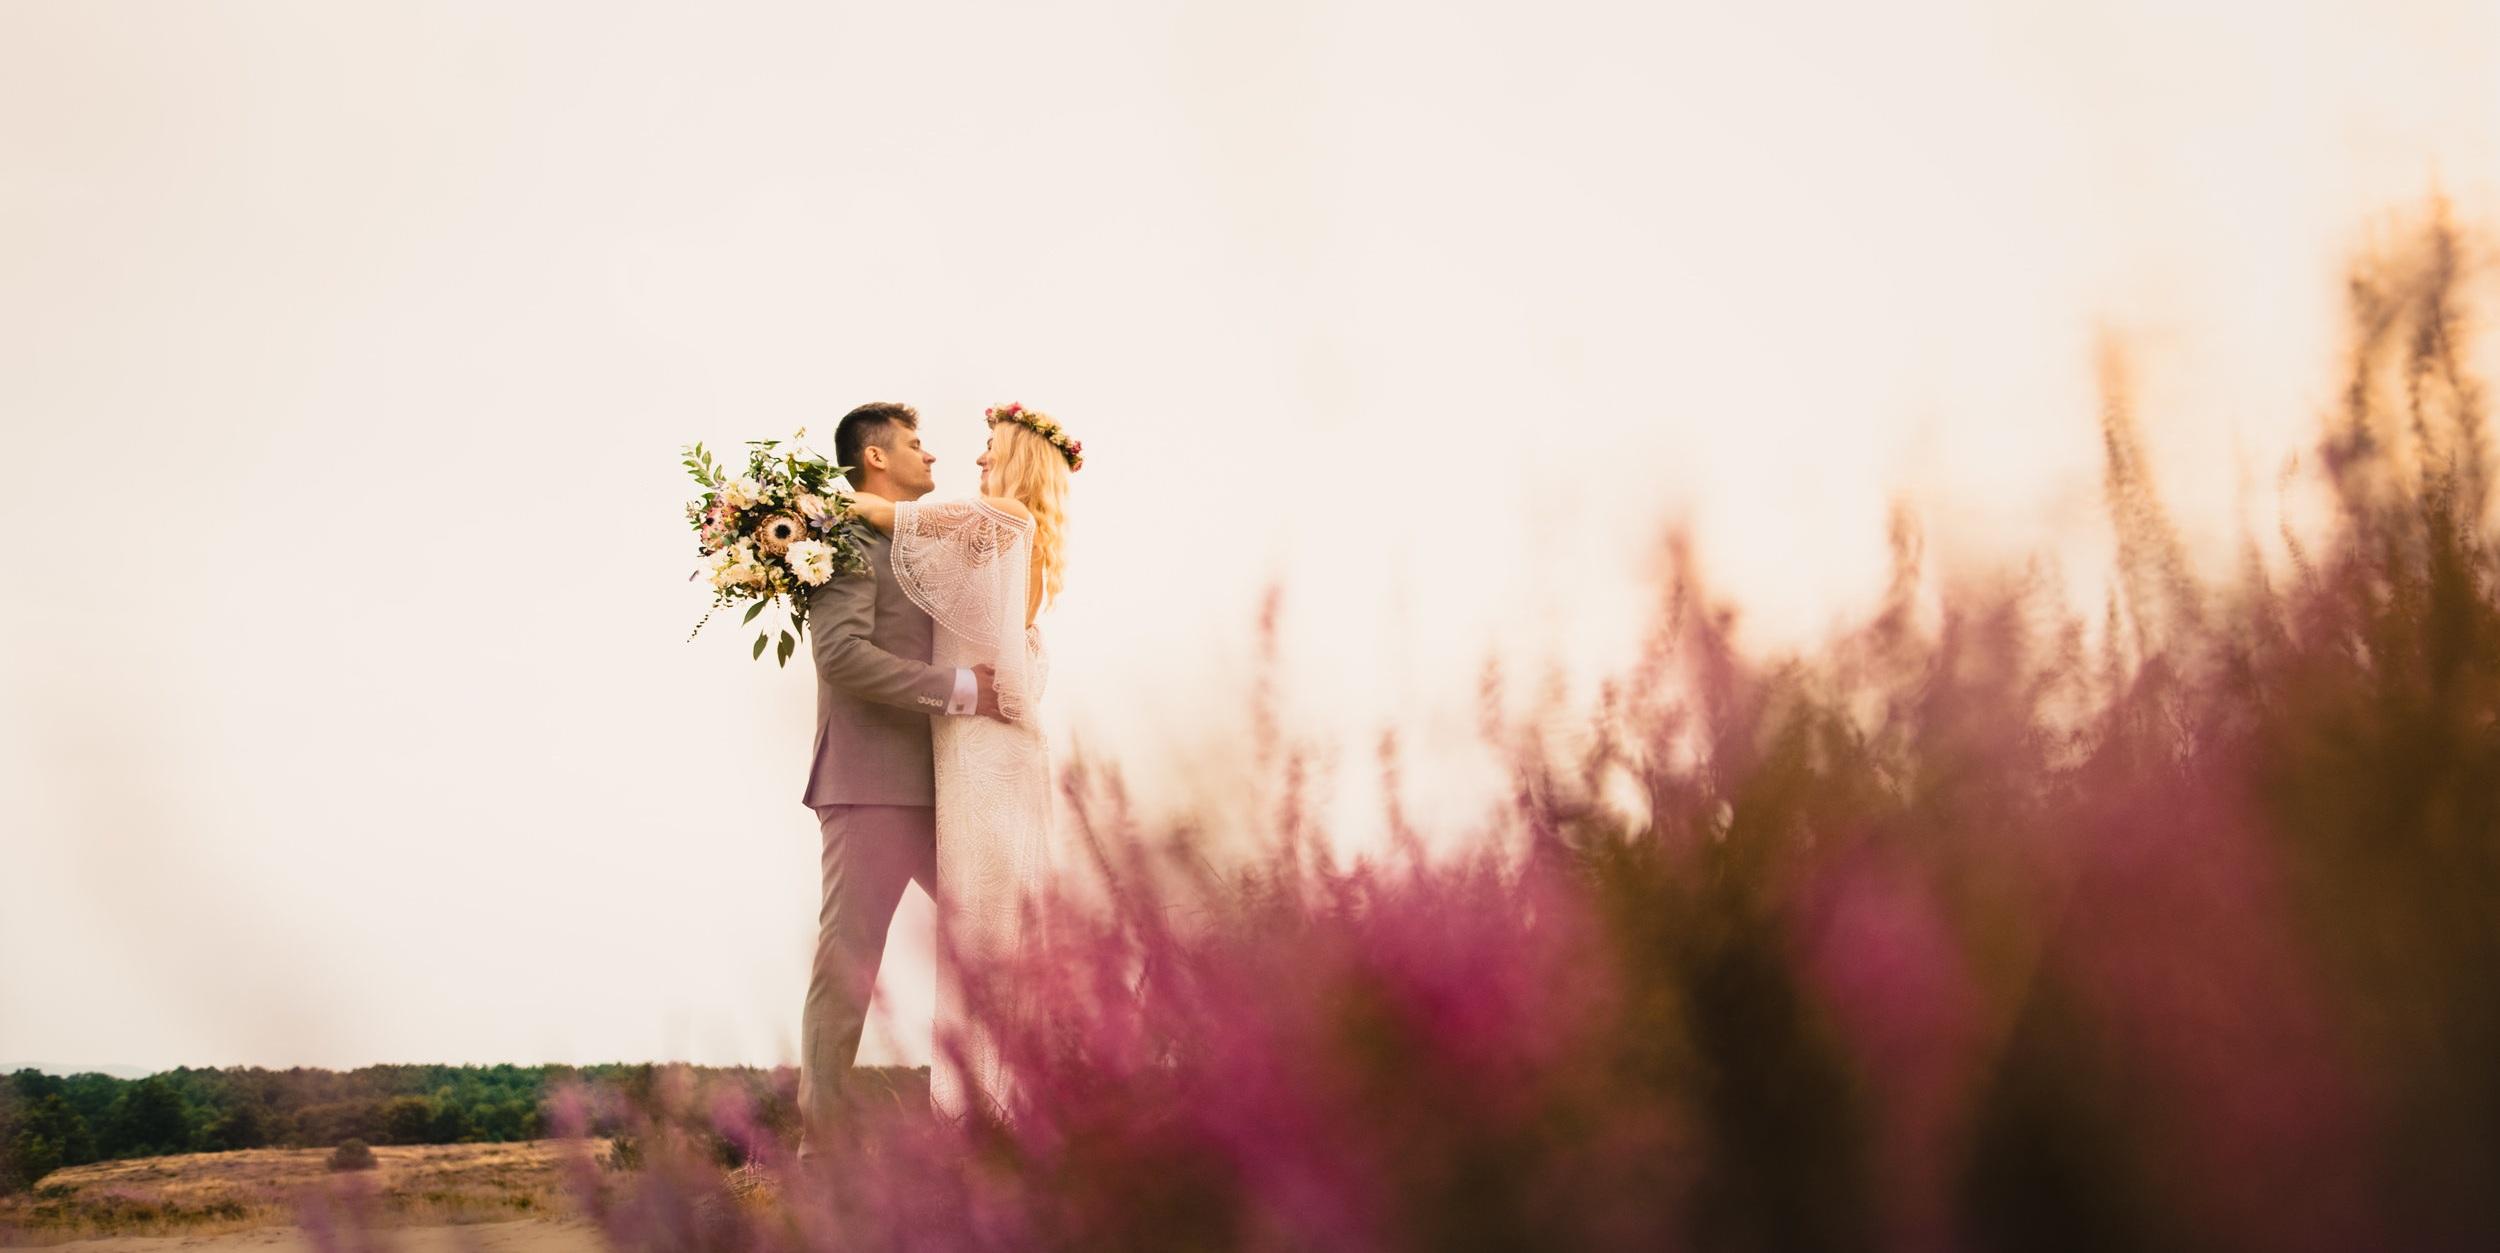 Svadobná fotografia s príbehom -